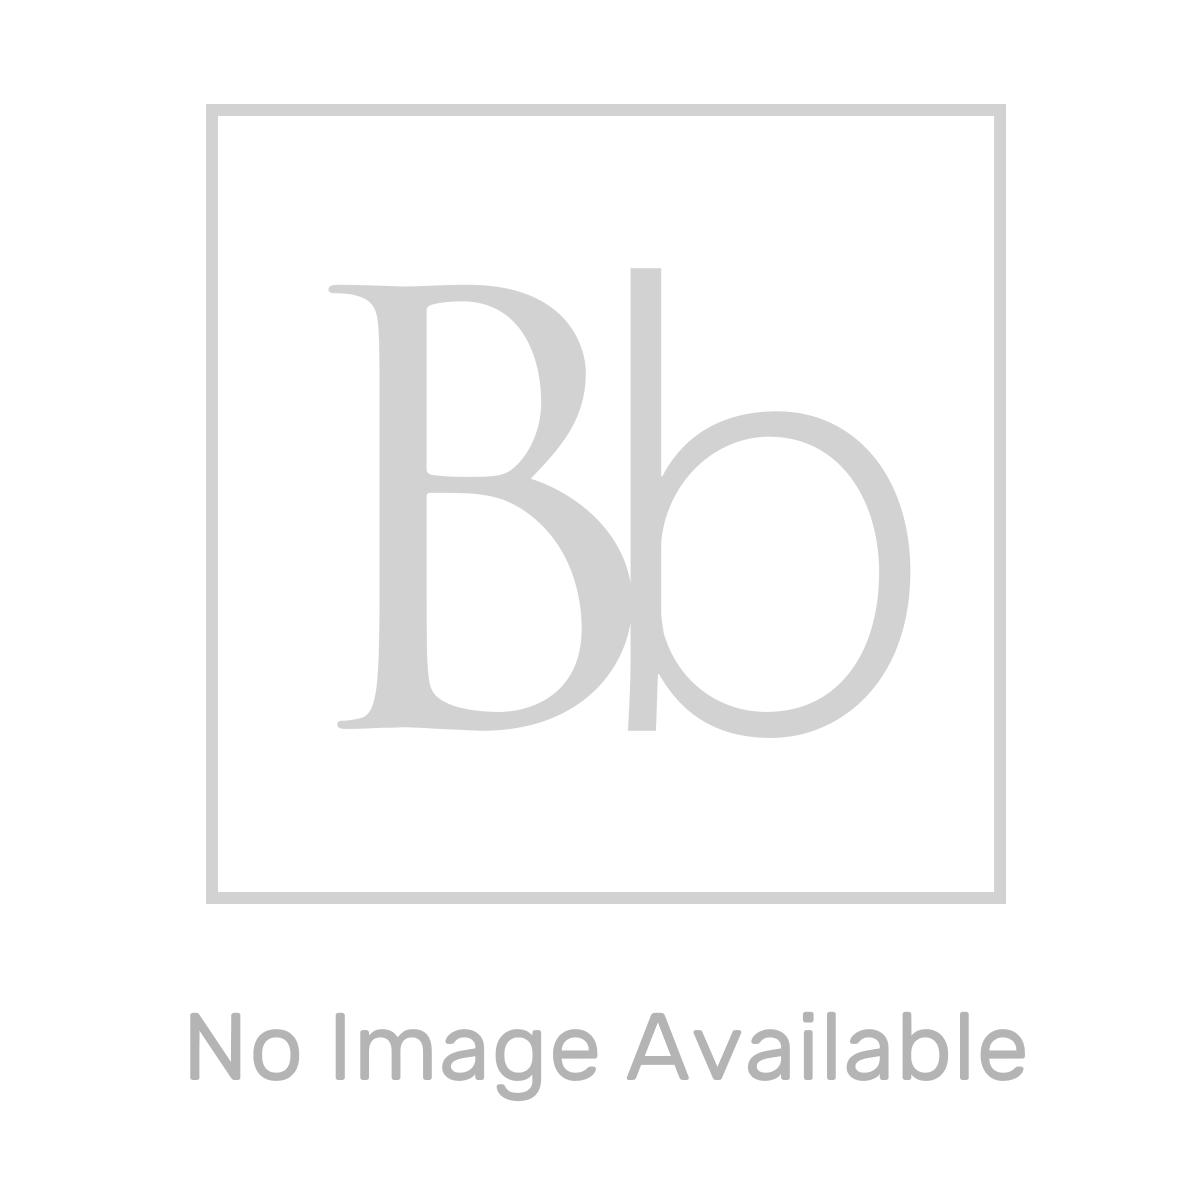 Nuie Athena Stone Grey 2 Door Floor Standing Vanity Unit with 40mm Profile Basin 600mm